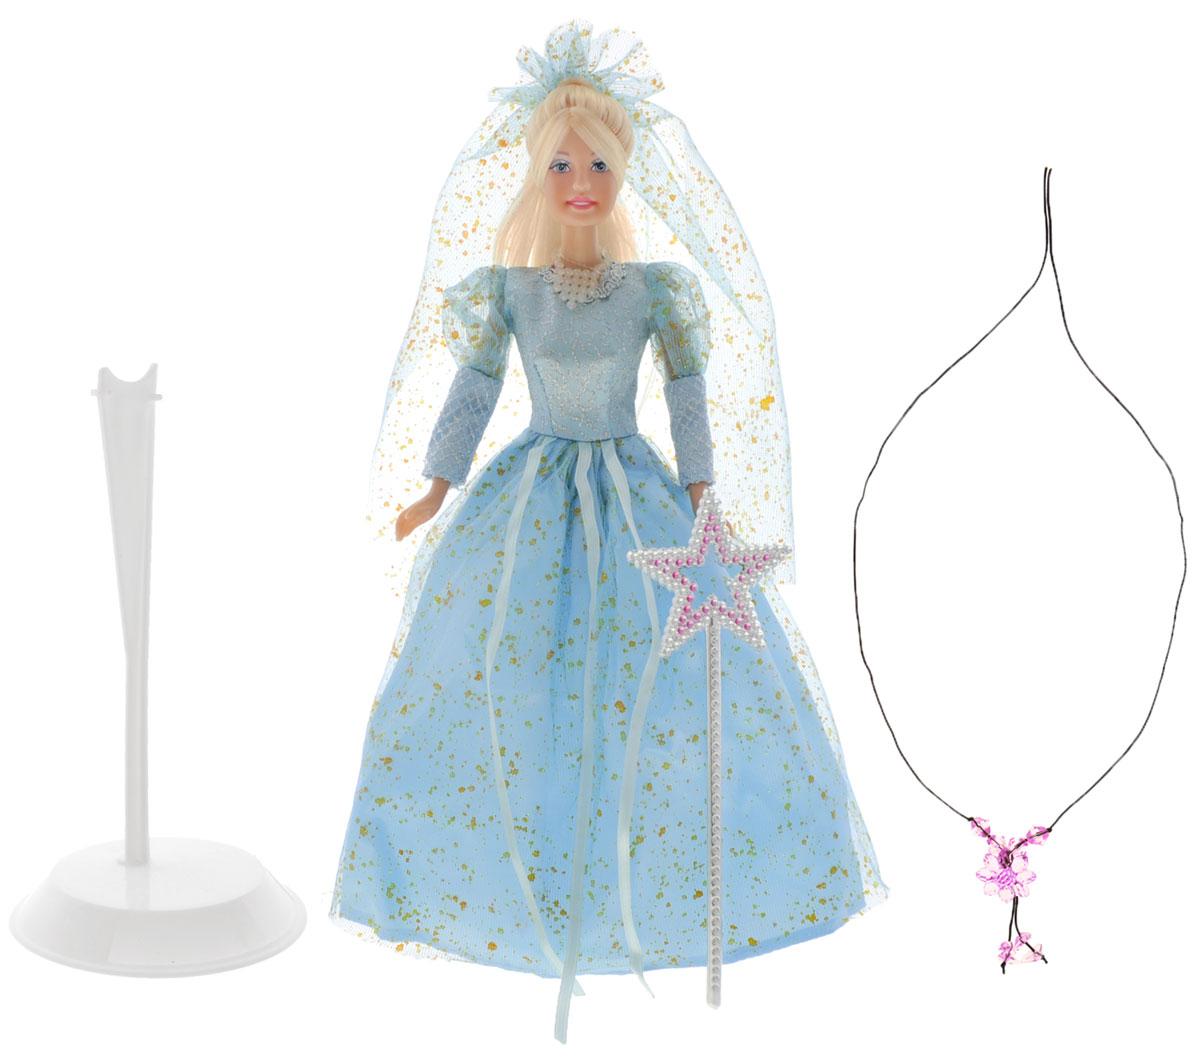 Defa Кукла Lucy Фея цвет одежды голубой20947d_голубойВеликолепная кукла Defa Lucy: Фея непременно понравится вашей малышке и станет ее любимой игрушкой. Кукла с длинными светлыми волосами одета в очаровательное голубое платье с блестками. На голове воздушная голубая фата. Голова, руки и ноги куклы подвижны. В комплекте с куклой идут модные туфли, подставка, а также медальон и волшебная палочка в подарок юной хозяйке куклы. Порадуйте вашу малышку таким замечательным подарком! Высота куклы 29 см.